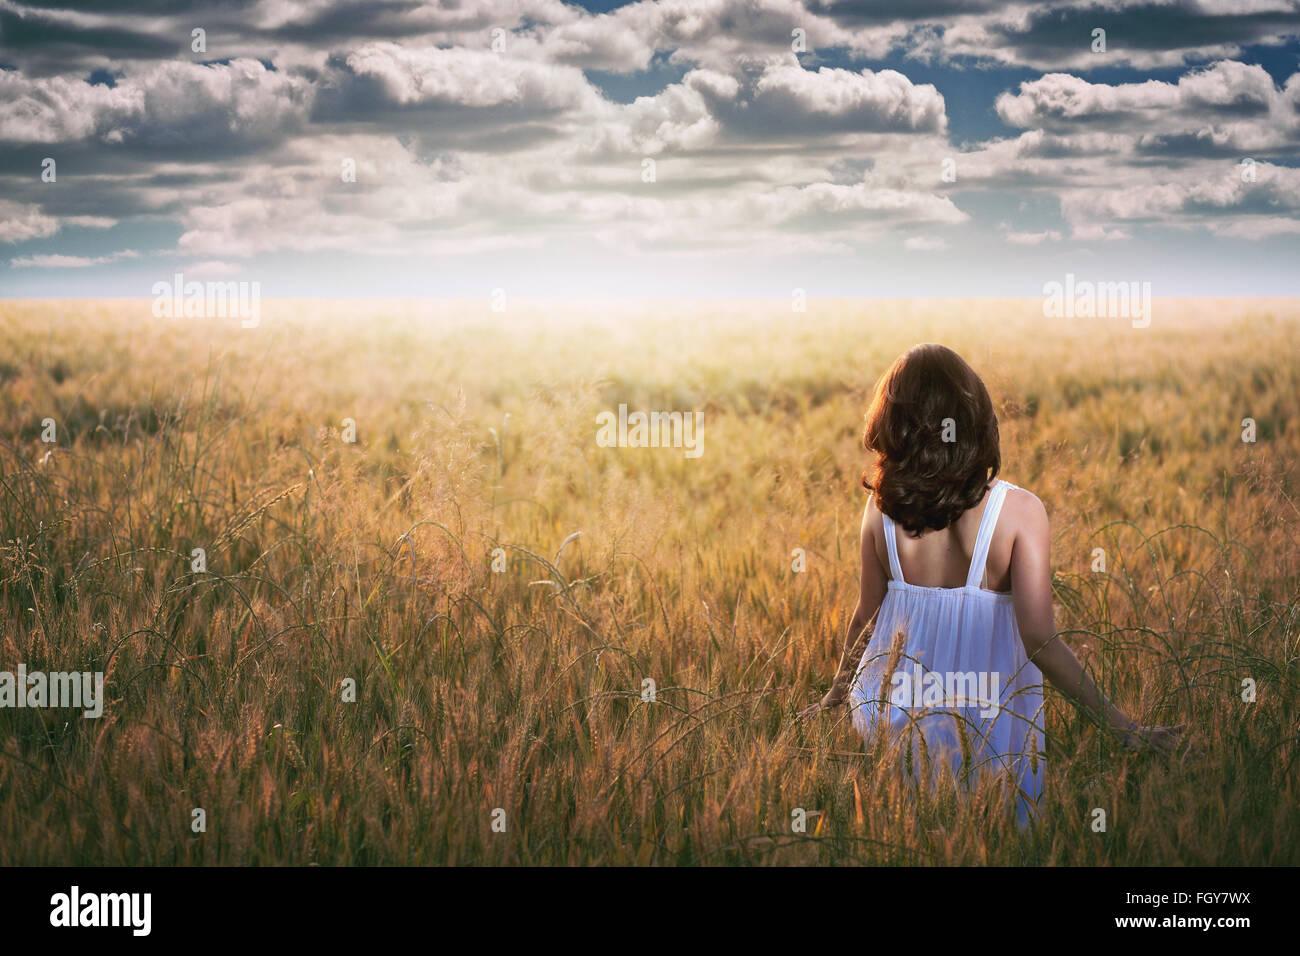 Femme regardant fixement un ciel dramatique dans un champ d'or . La lumière au coucher du soleil Photo Stock